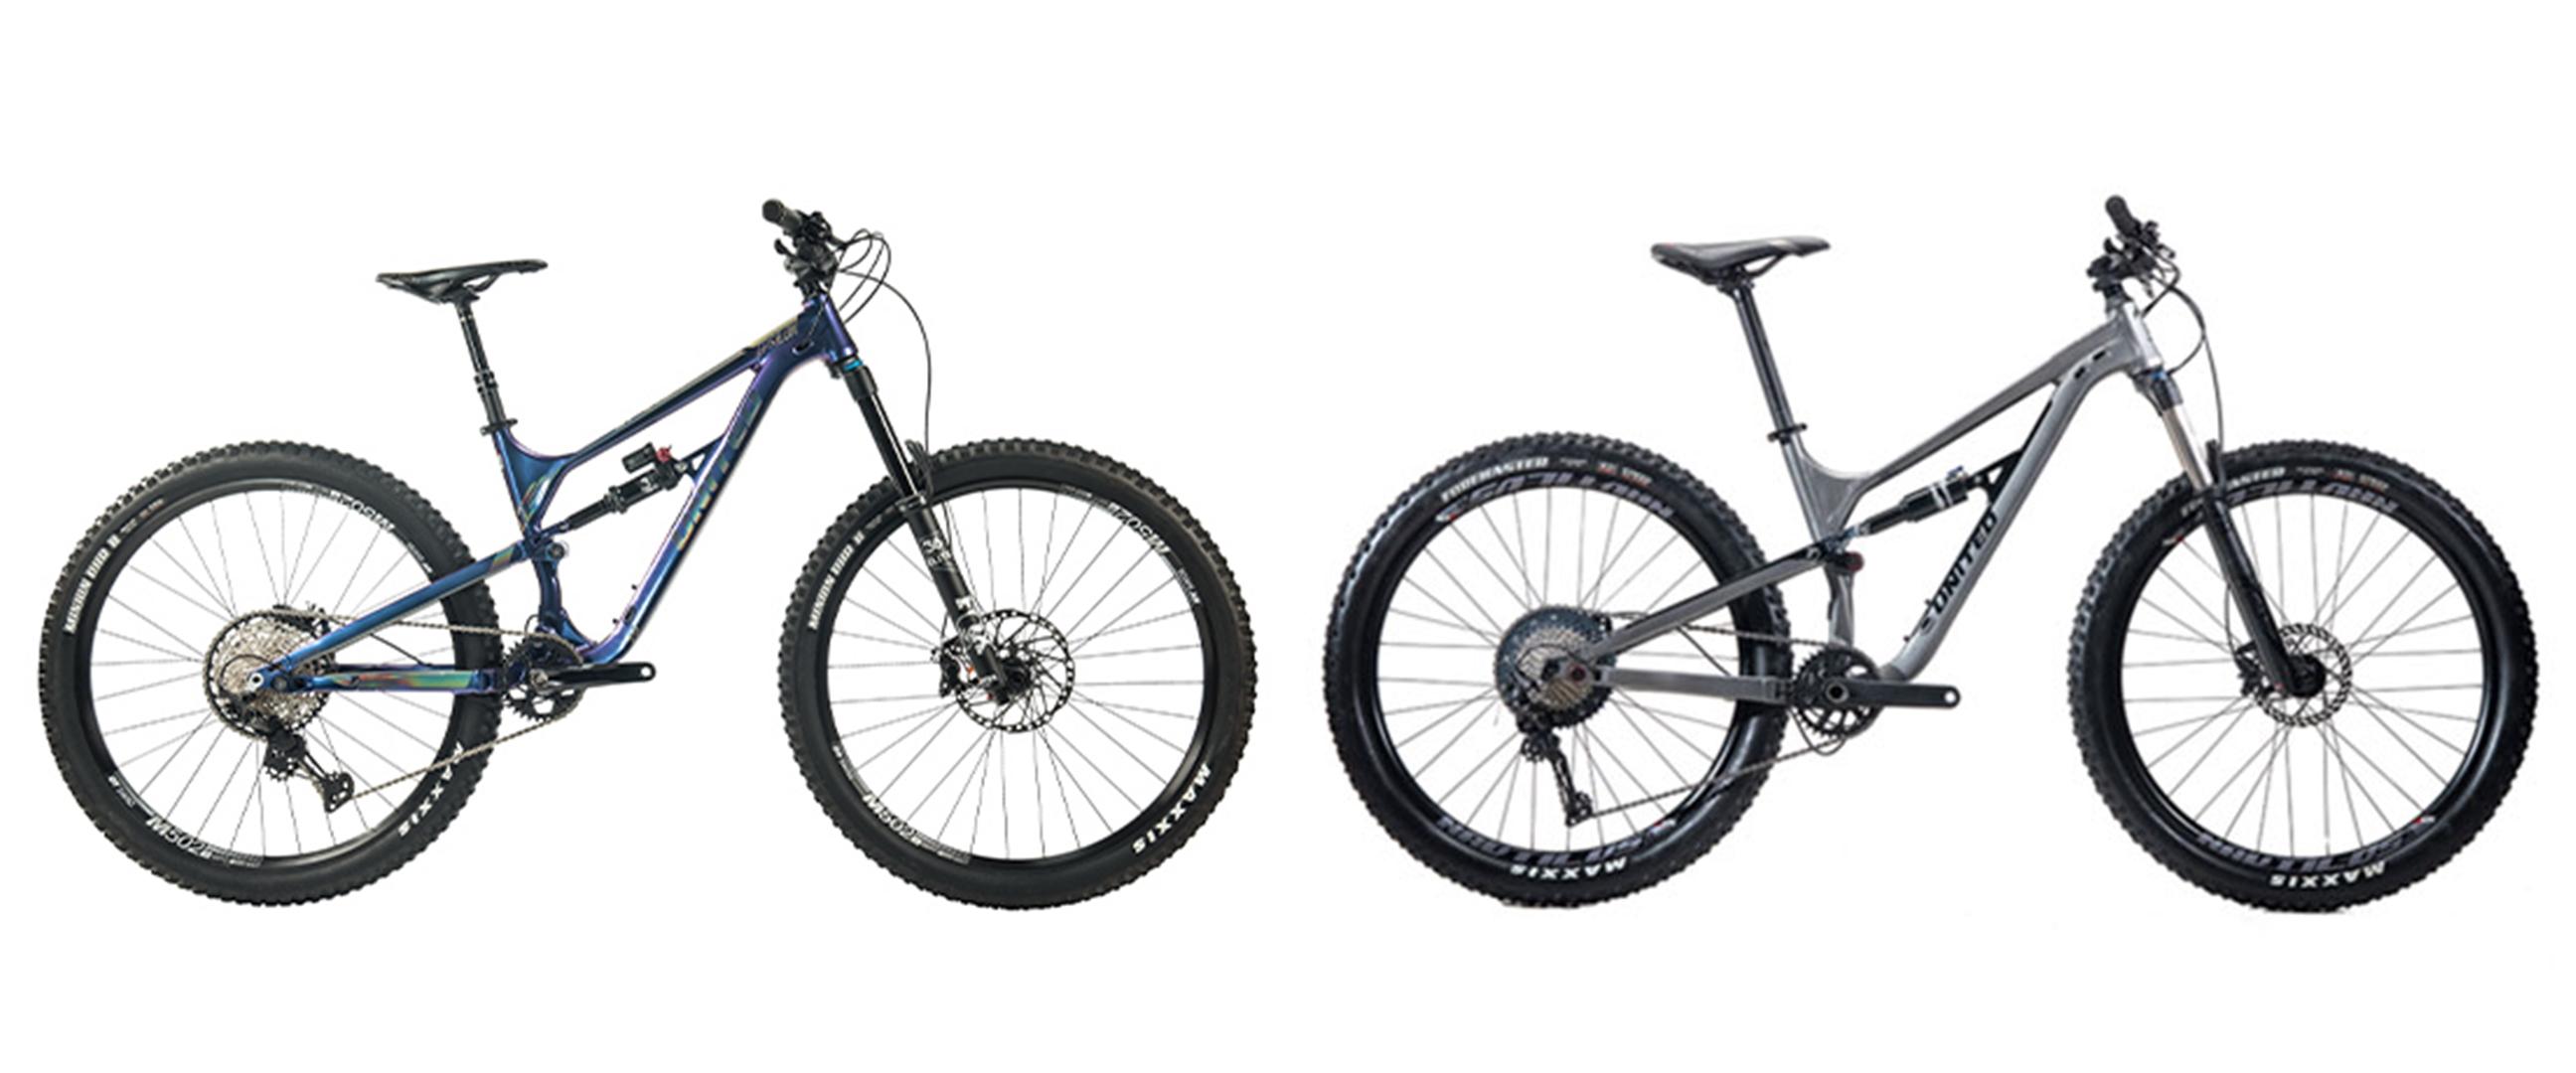 Harga sepeda United Epsilon dan spesifikasinya, andal dan berkelas